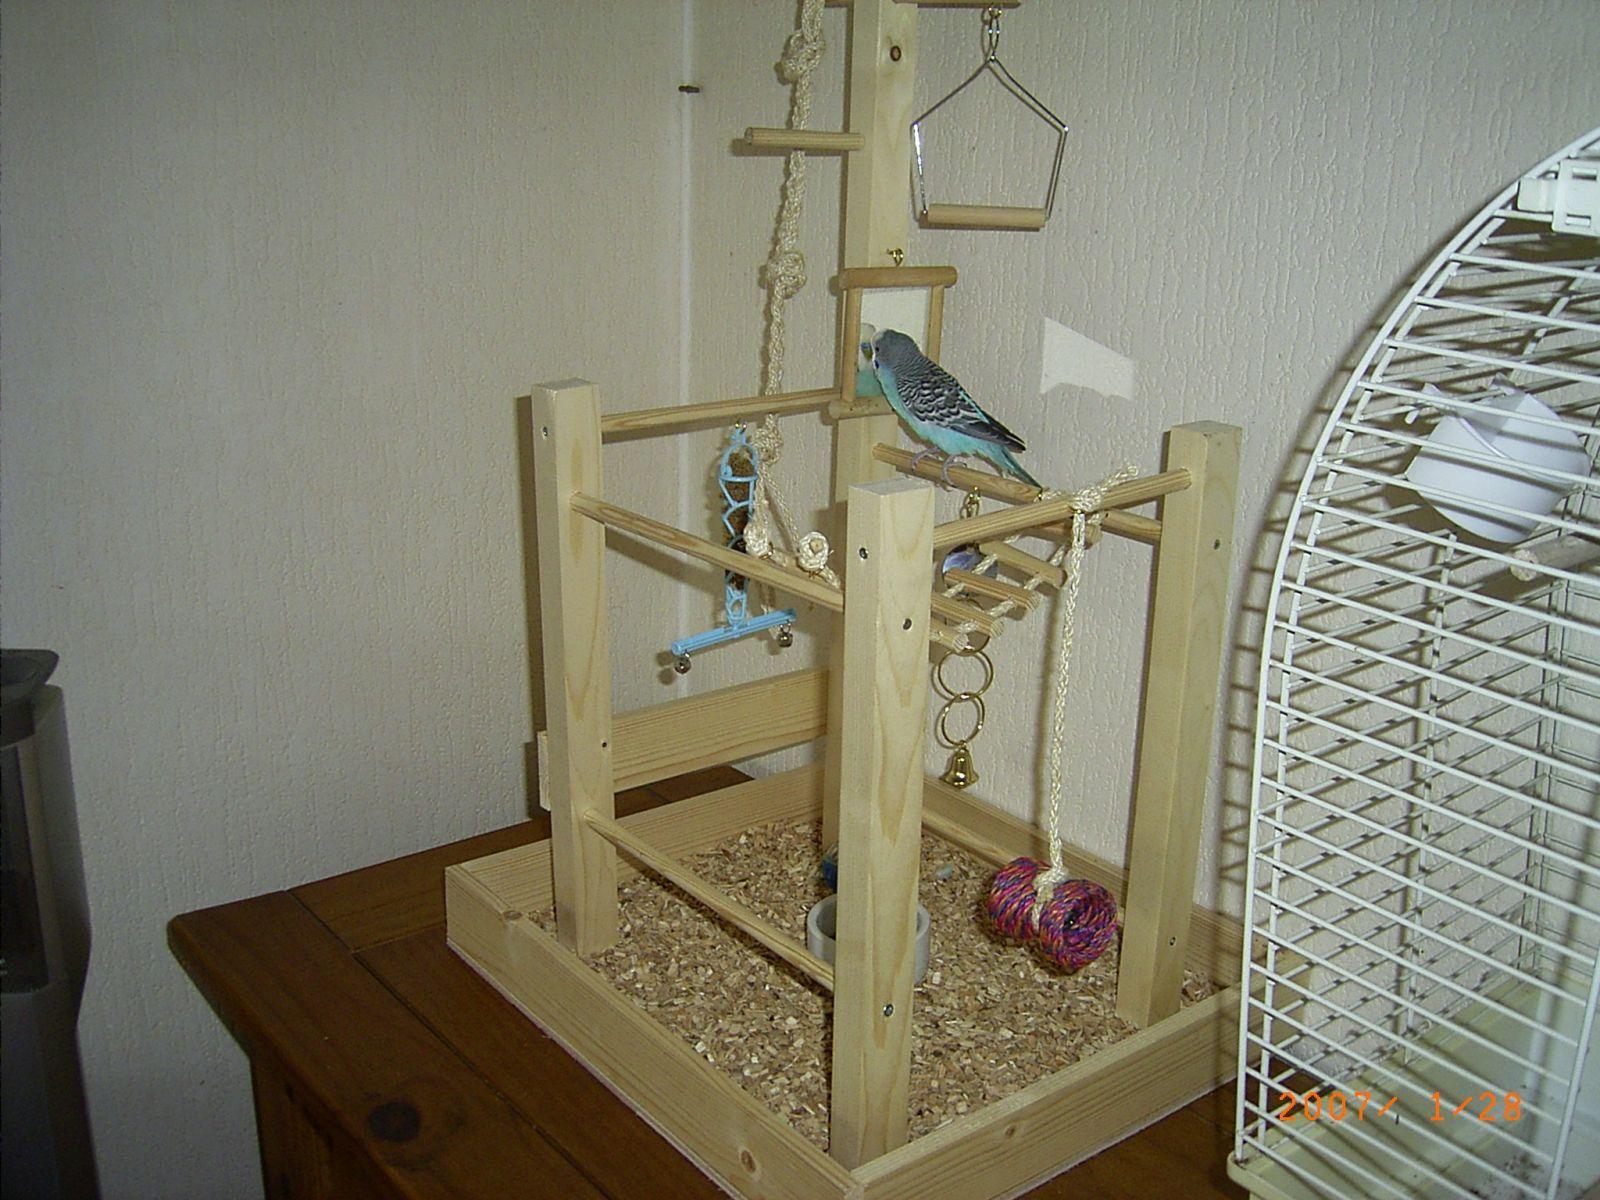 Een parkieten speeltuin of speelboom - Parkietenfun